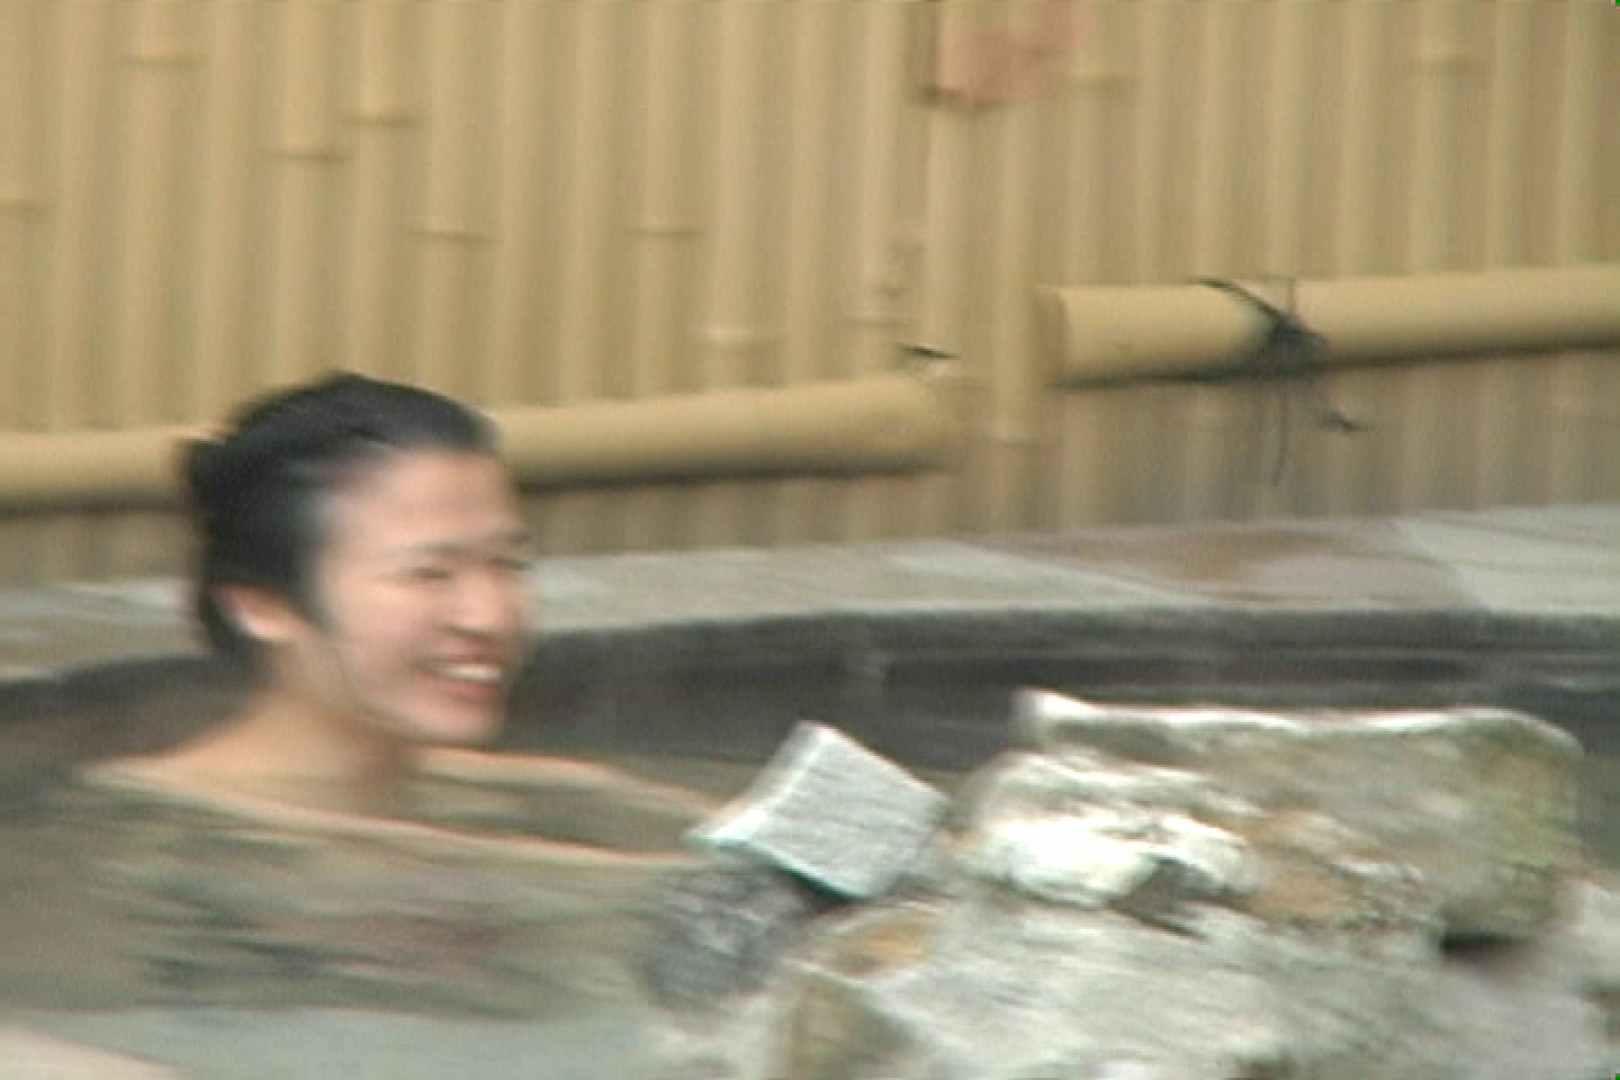 Aquaな露天風呂Vol.647 OLのエロ生活  64連発 21